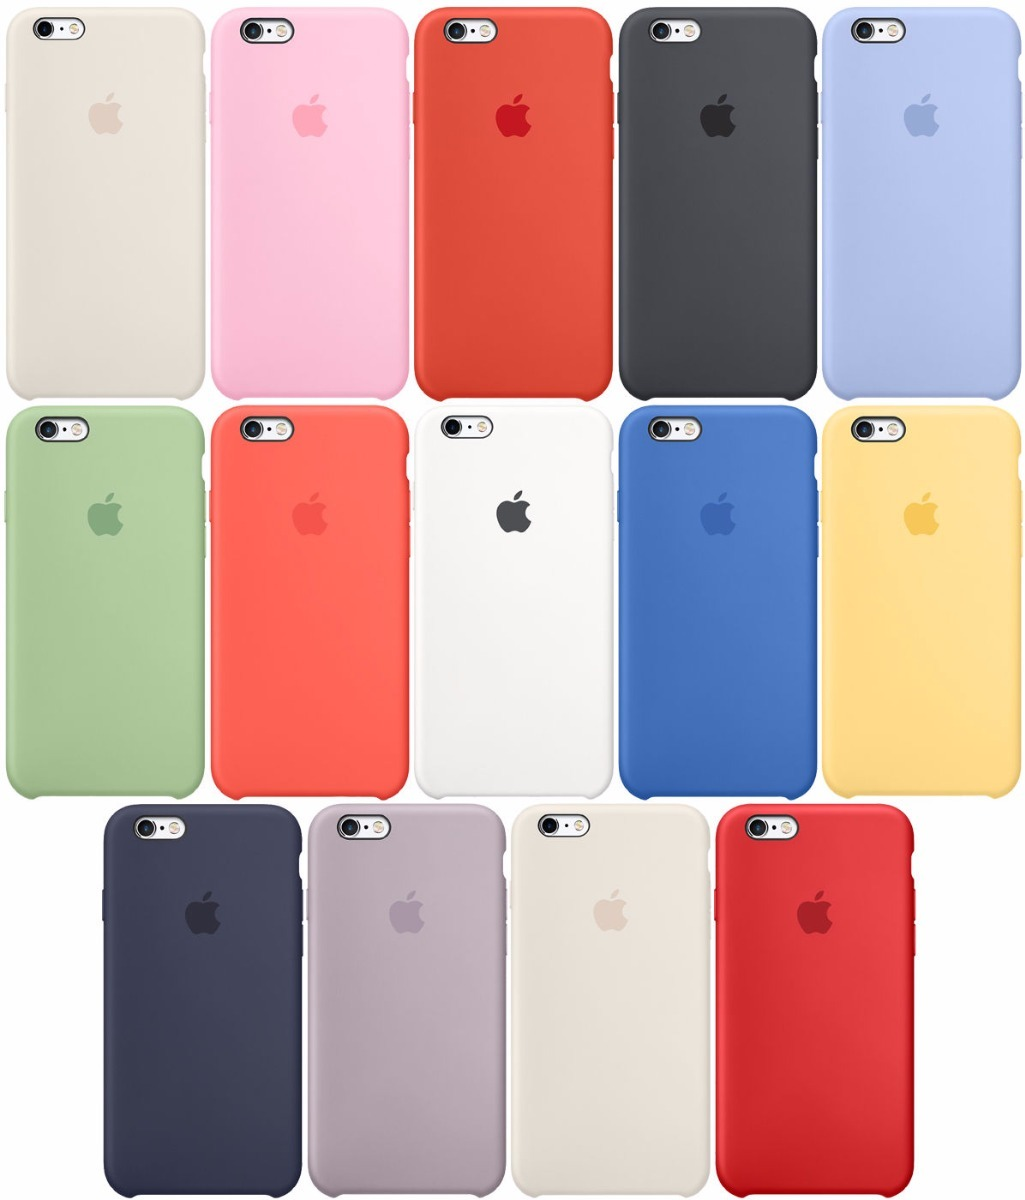 47fb98fc8f0 funda silicone case iphone 6 7 8 plus vidrio templado camara. Cargando zoom.